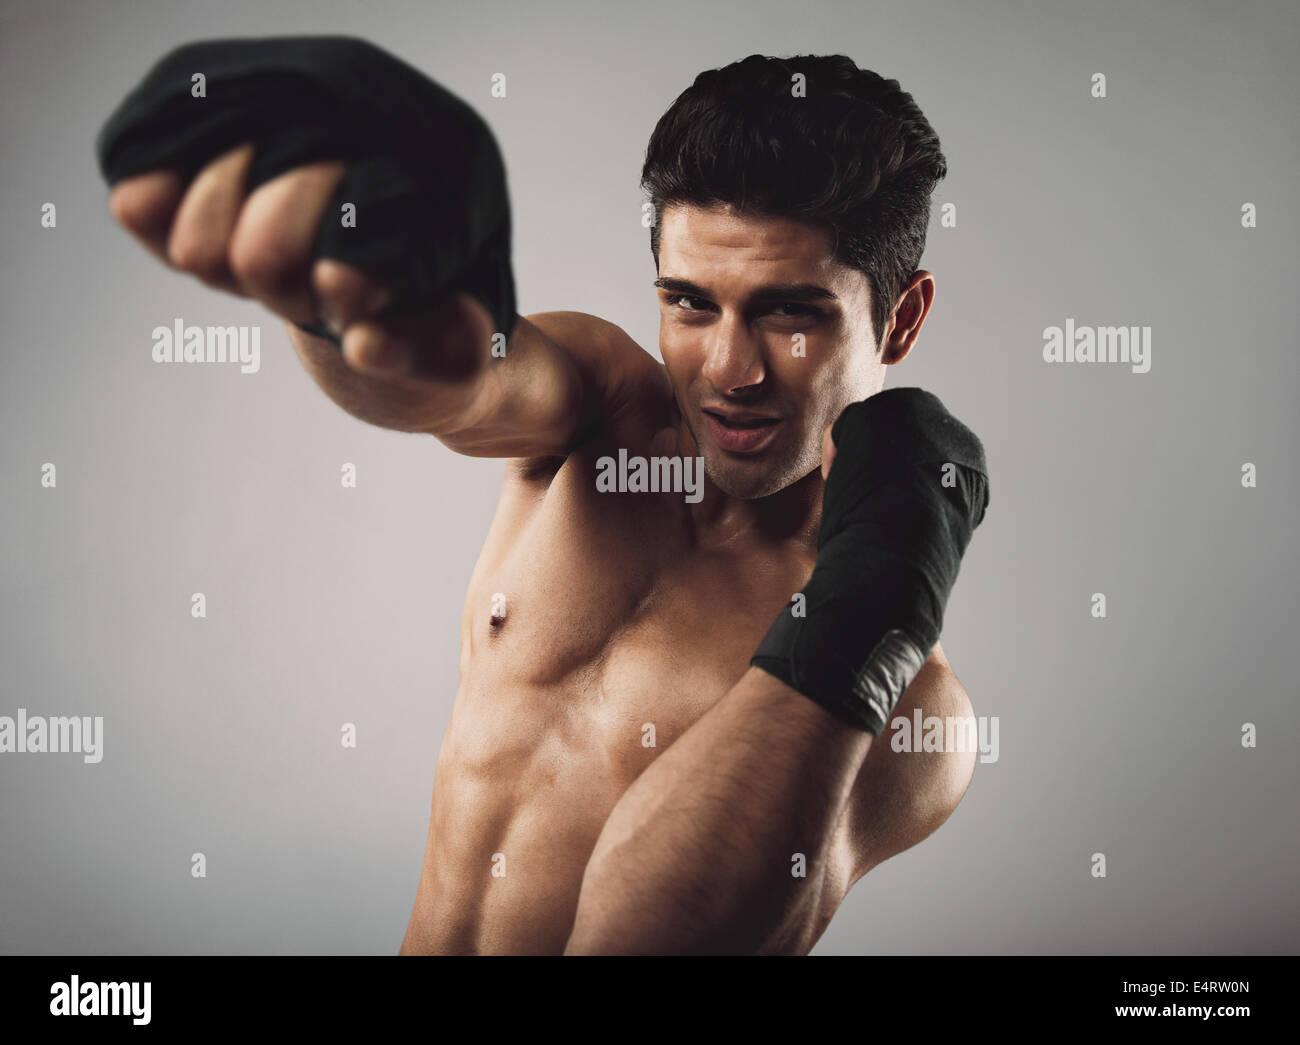 Les jeunes hispaniques man shadow boxing. Modèle masculin Masculin torse nu avec des gants de boxe sur fond Photo Stock